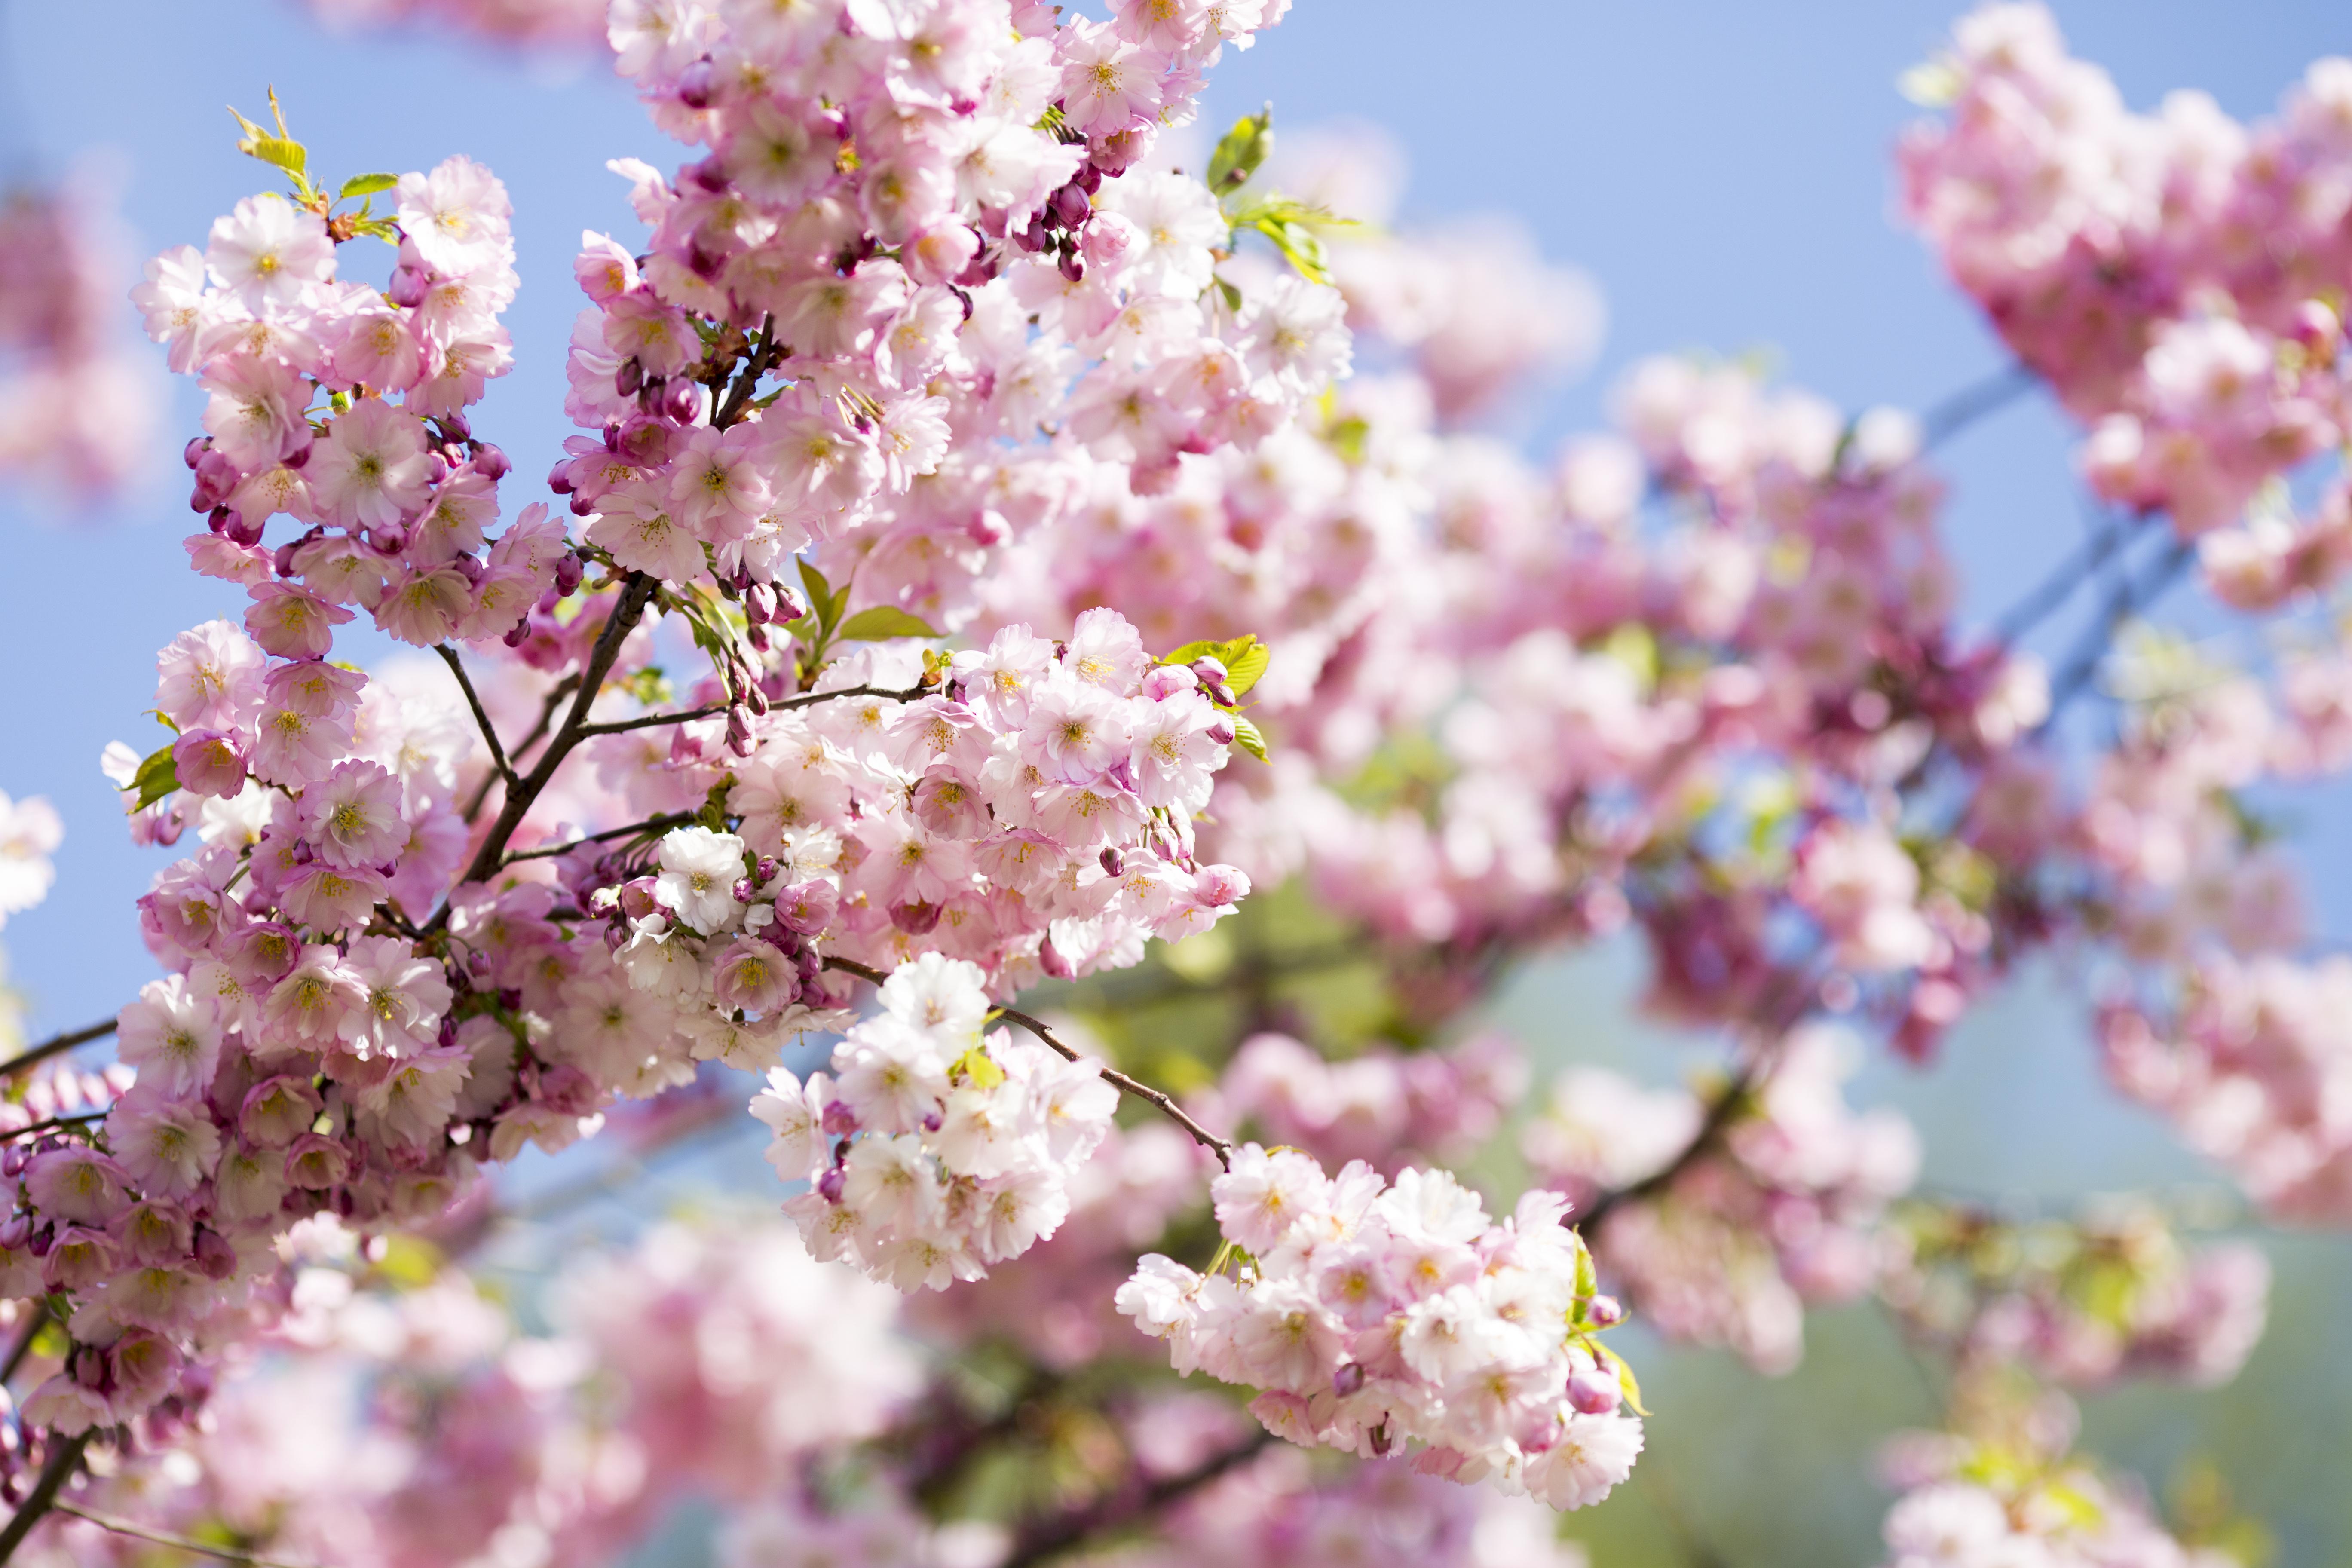 Boskovice na Blanensku oživí dvě stě padesát nových stromů